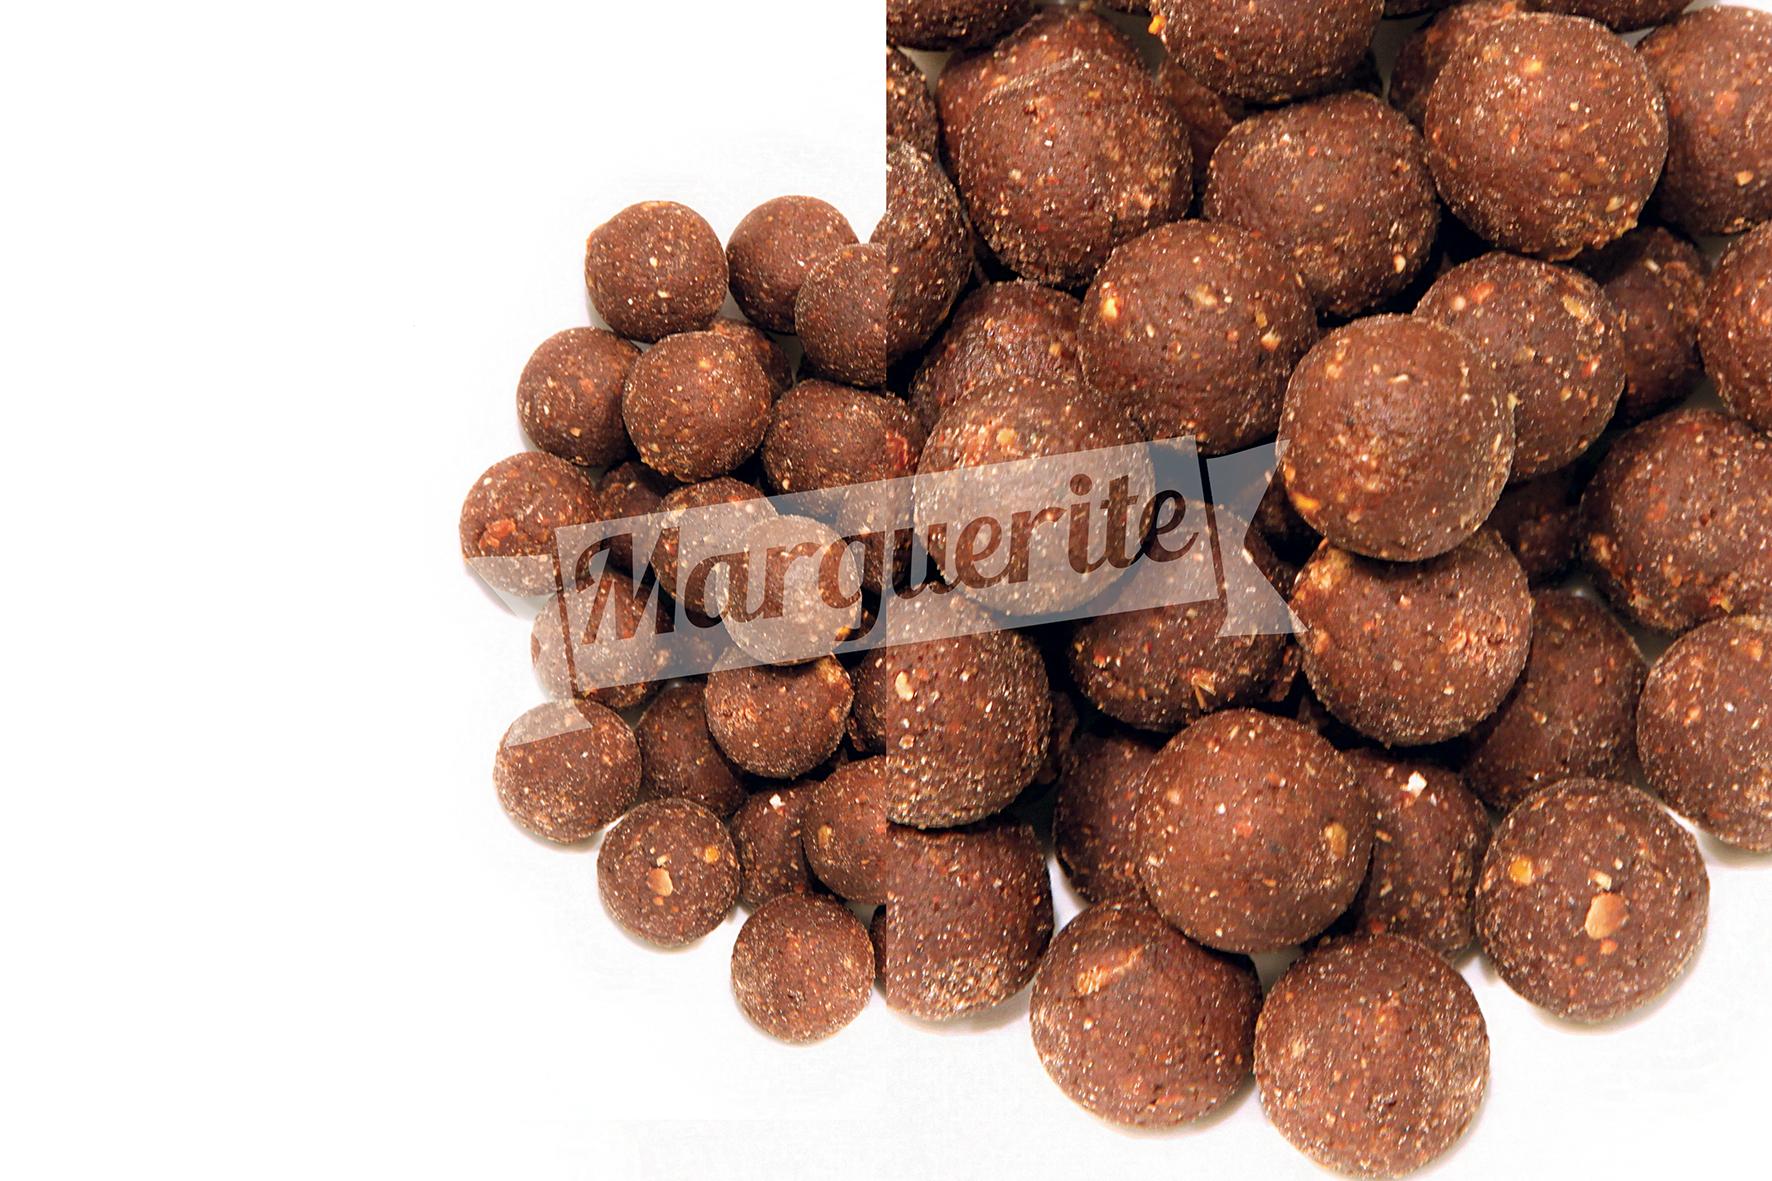 pierre marguerite